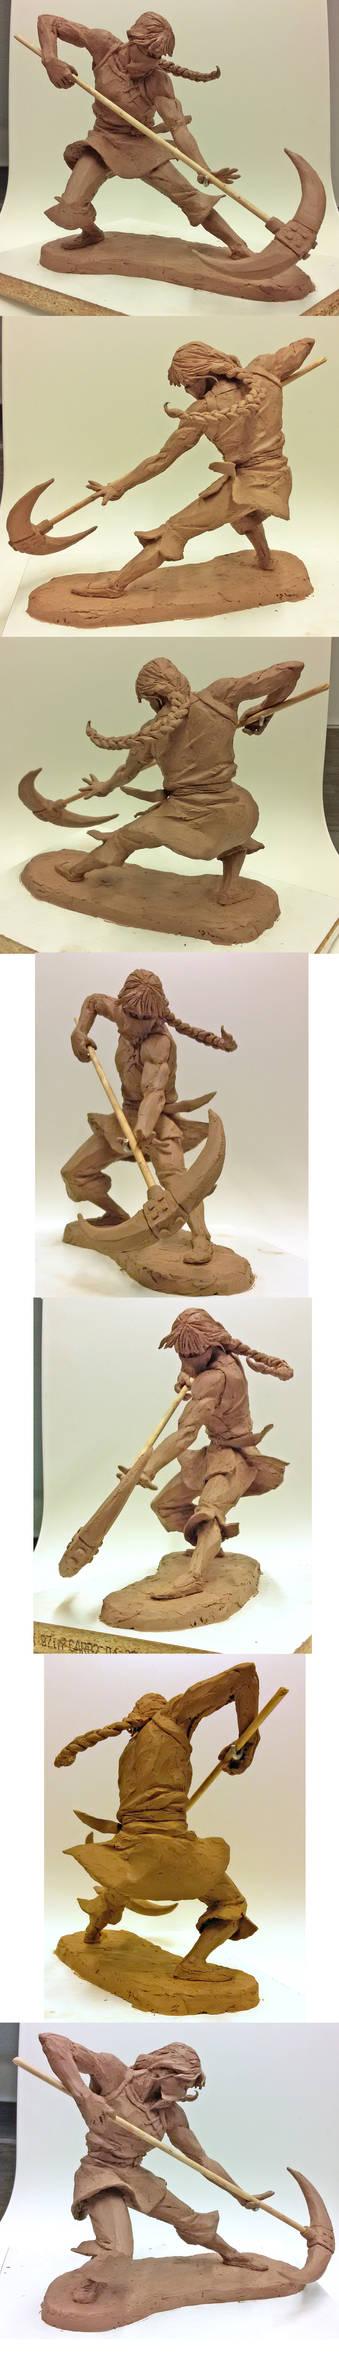 LieLie Sculpture